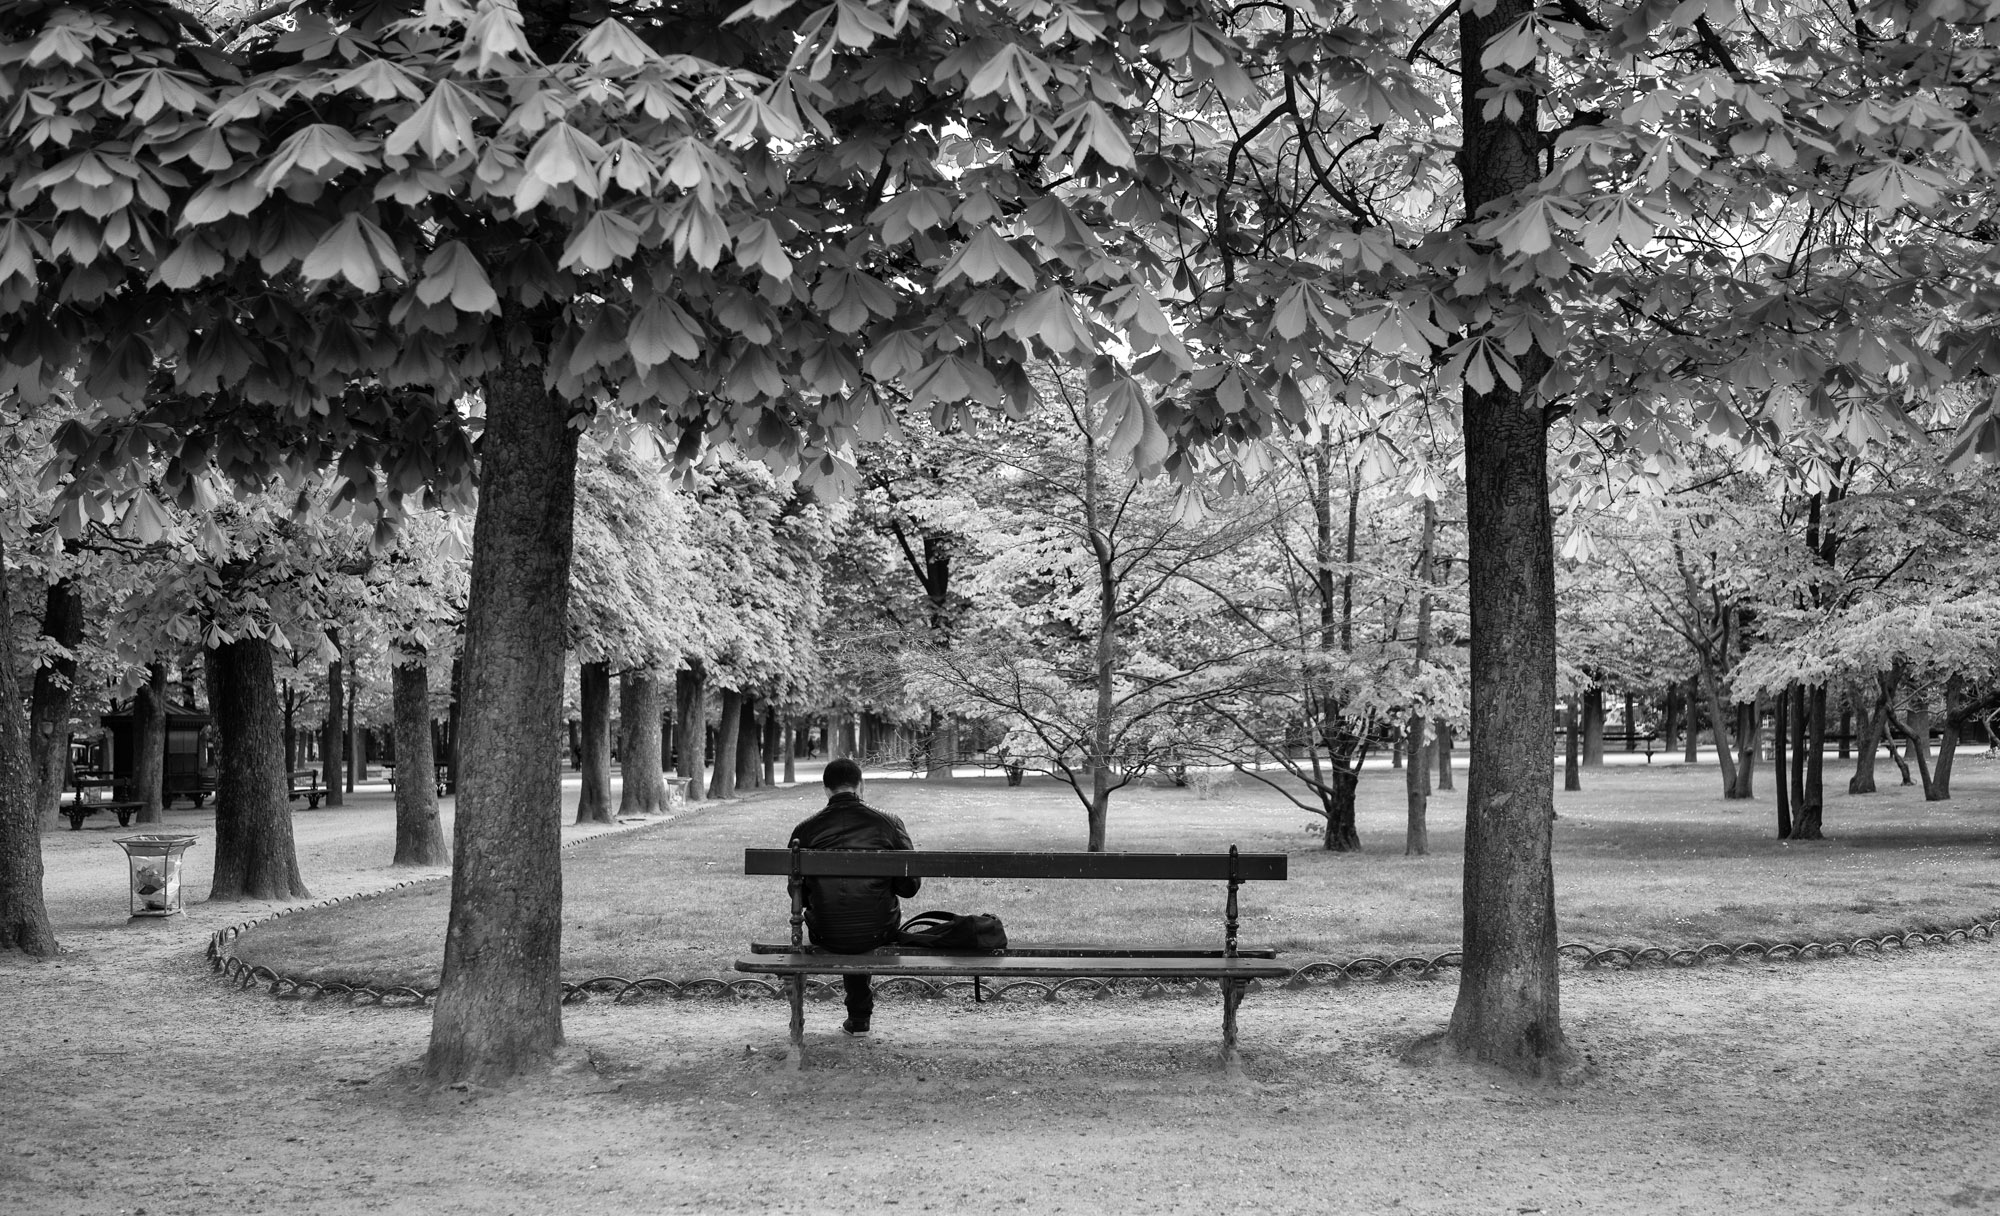 Black and white seattlesteve me